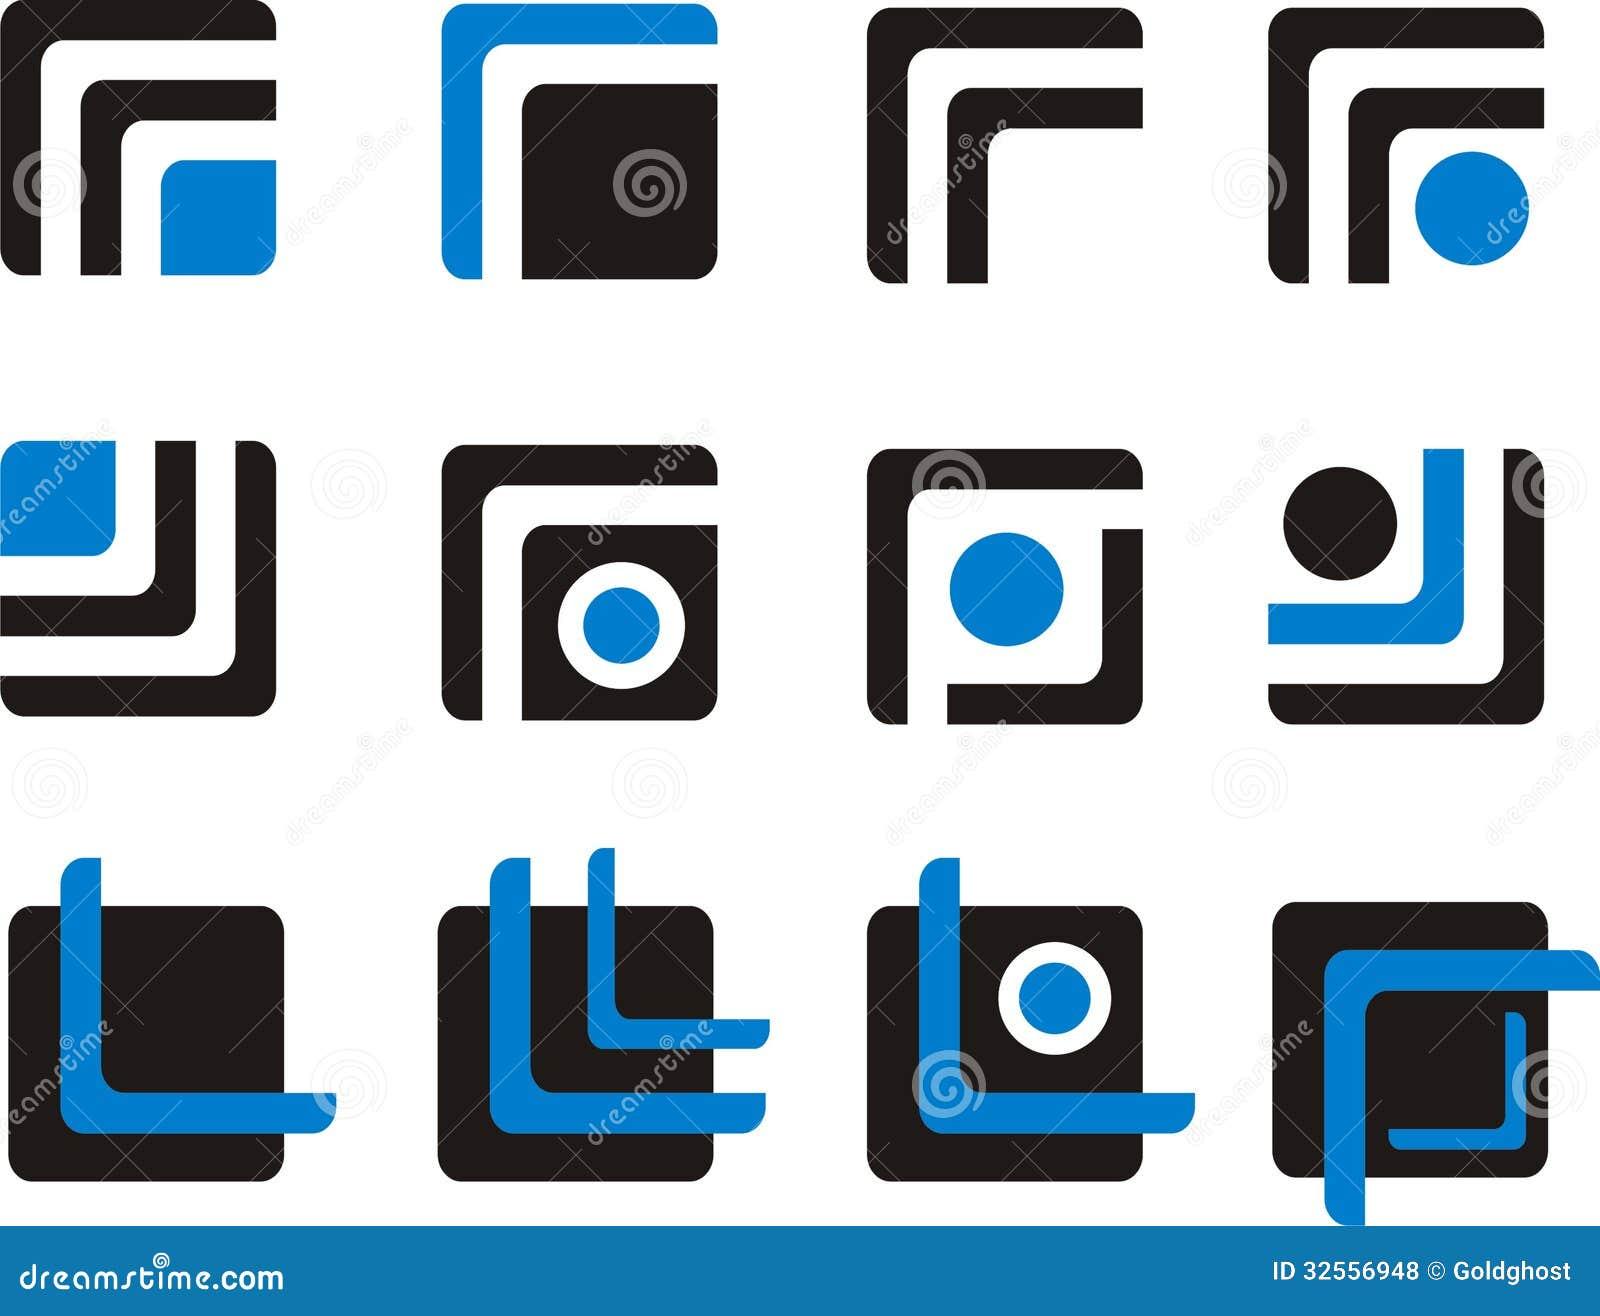 Στοιχεία και λογότυπα σχεδίου